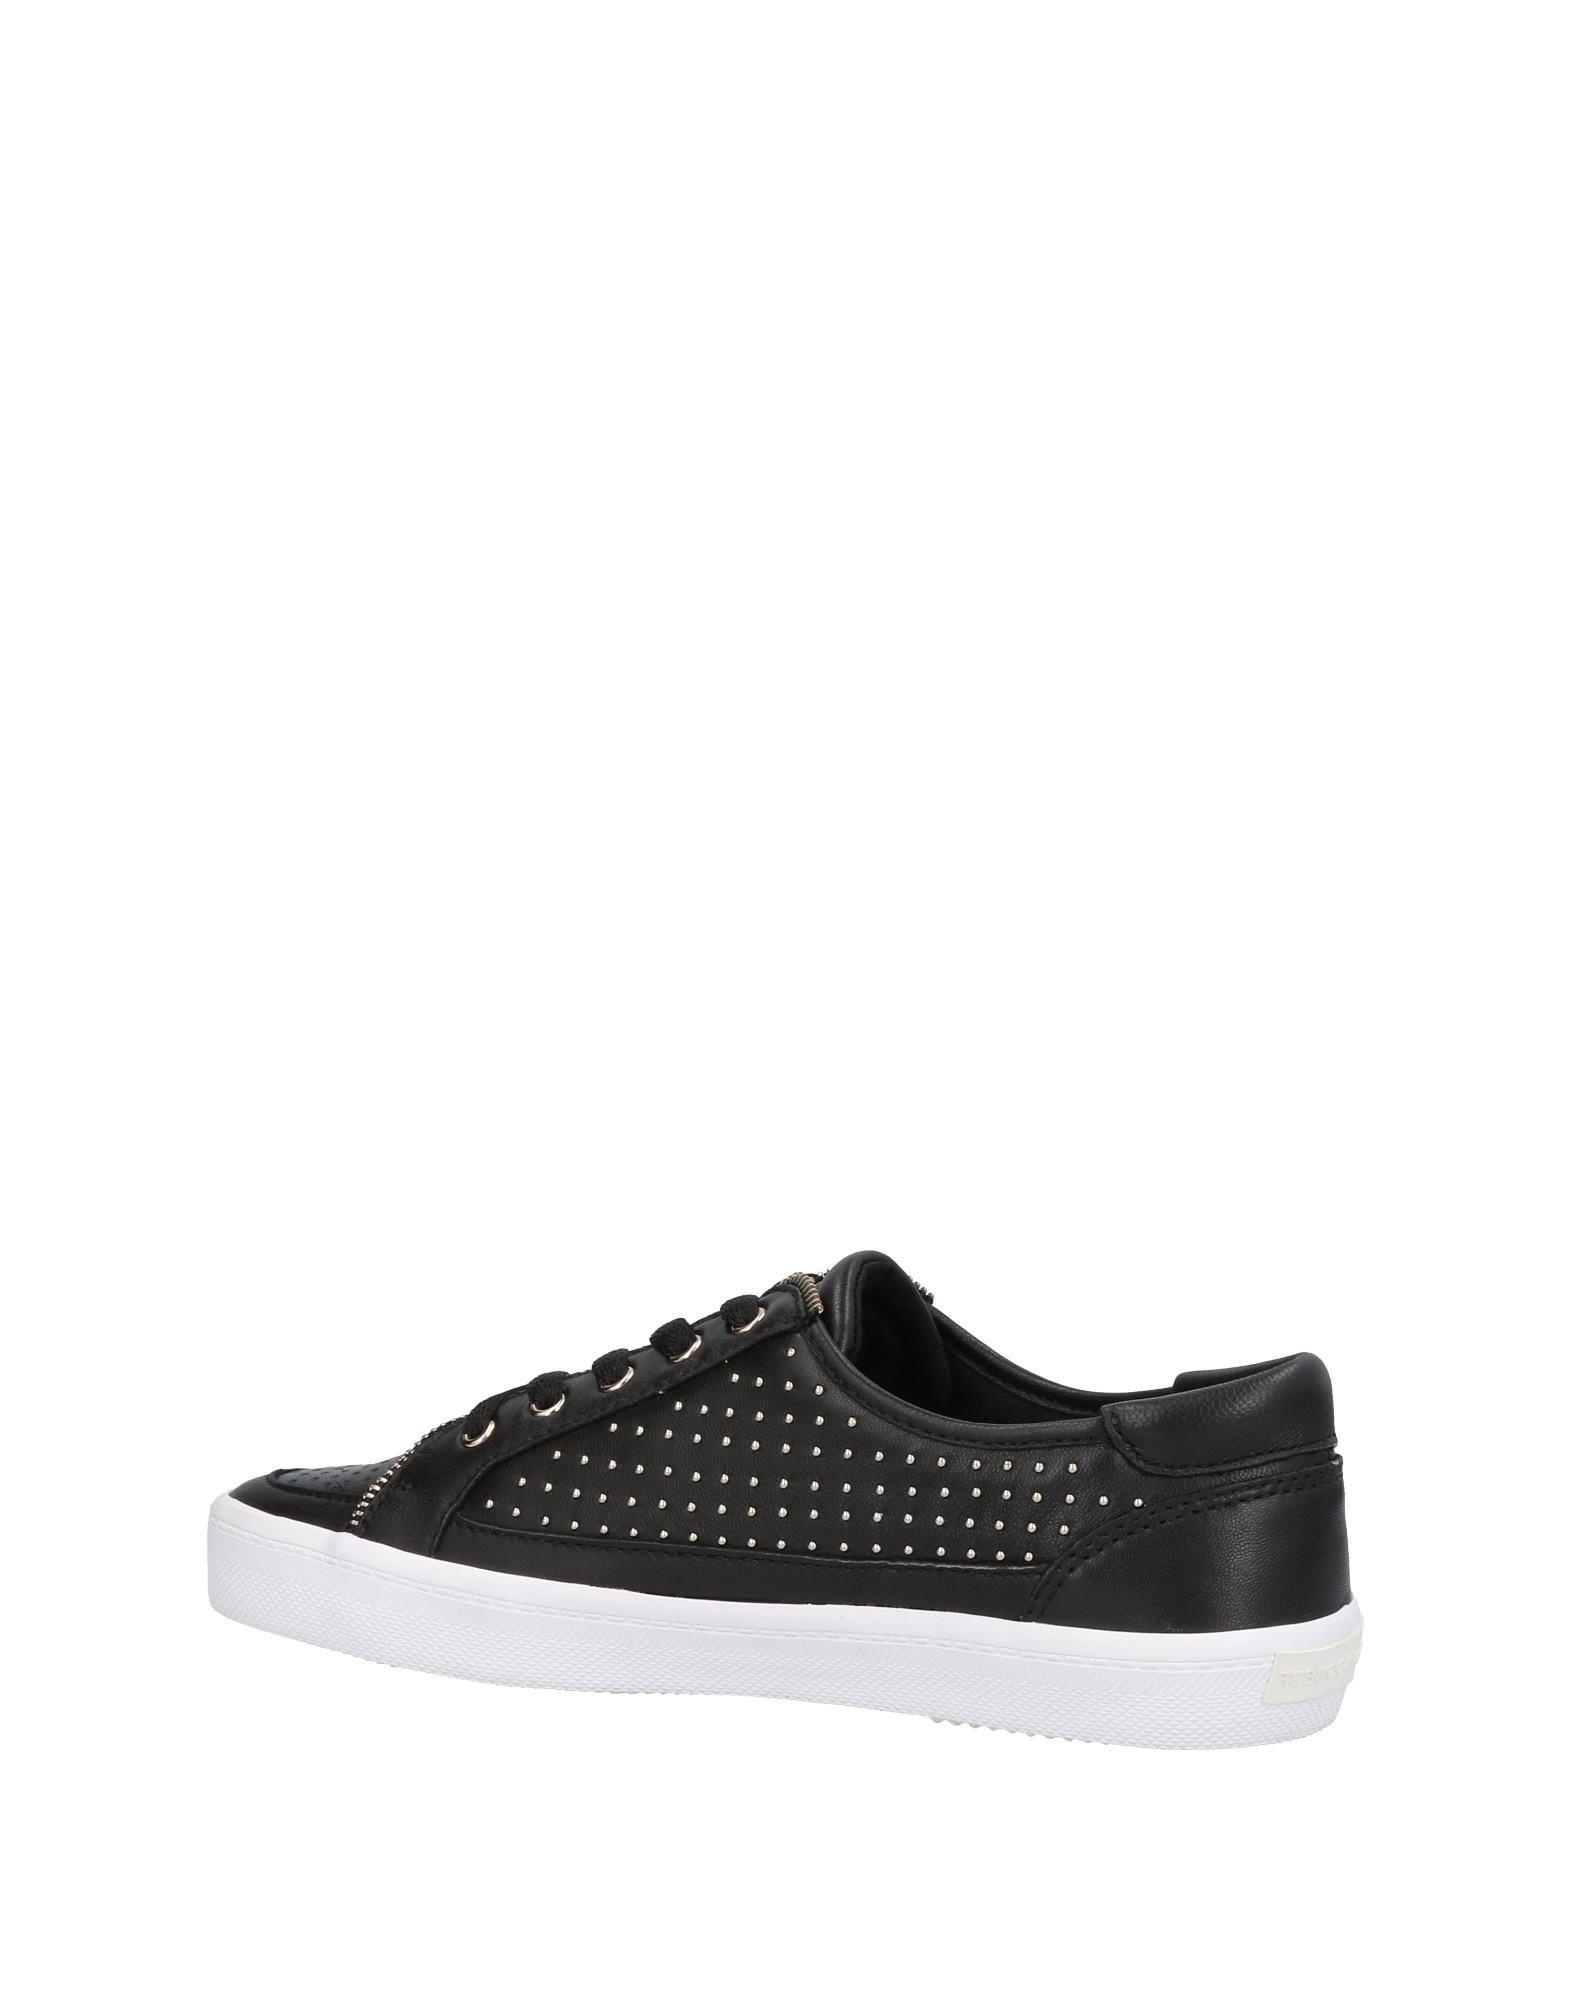 Gut Minkoff um billige Schuhe zu tragenRebecca Minkoff Gut Sneakers Damen  11449323WV 5888b8